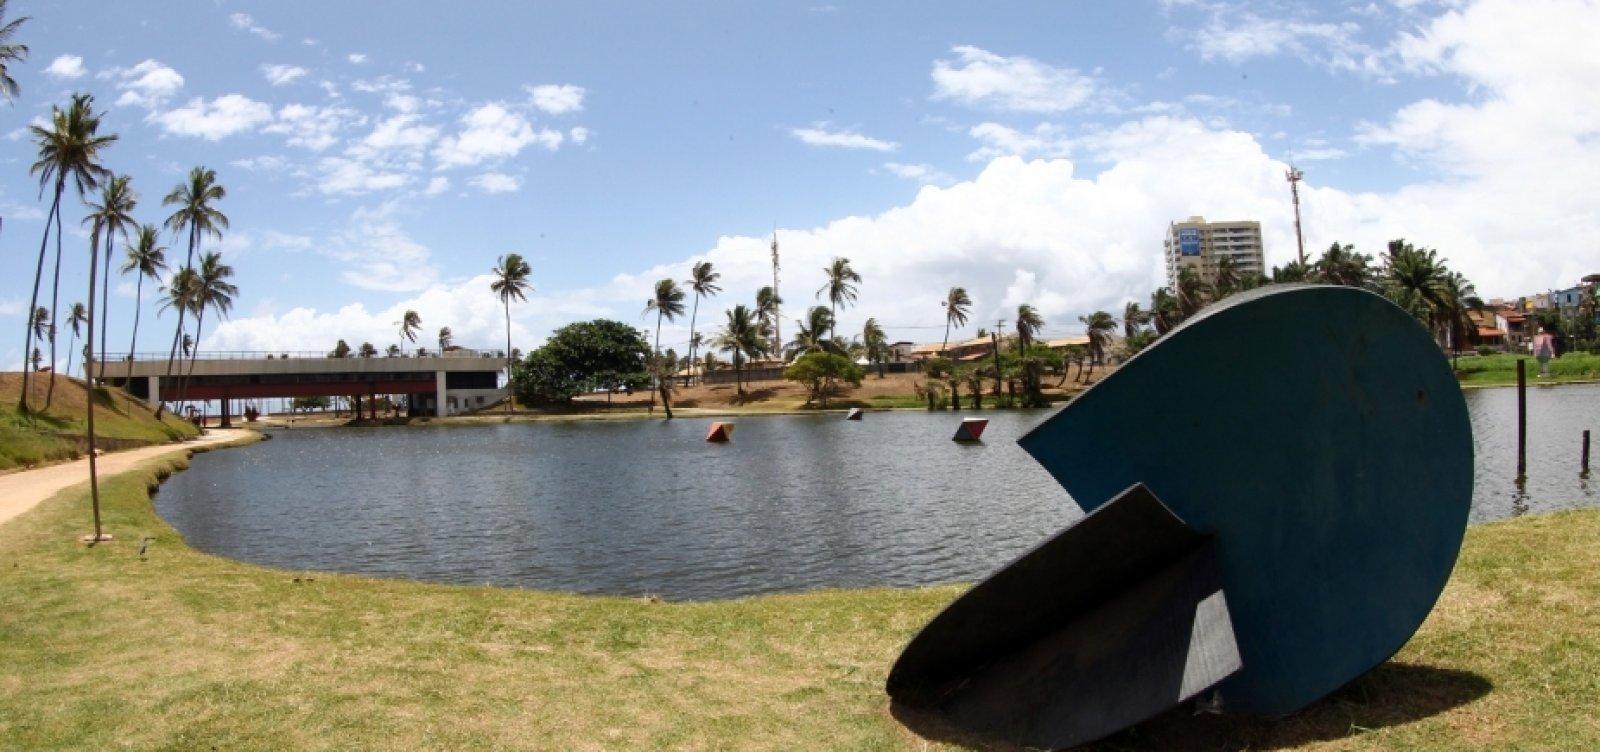 Homem morre após se afogar na lagoa do Parque de Pituaçu, em Salvador